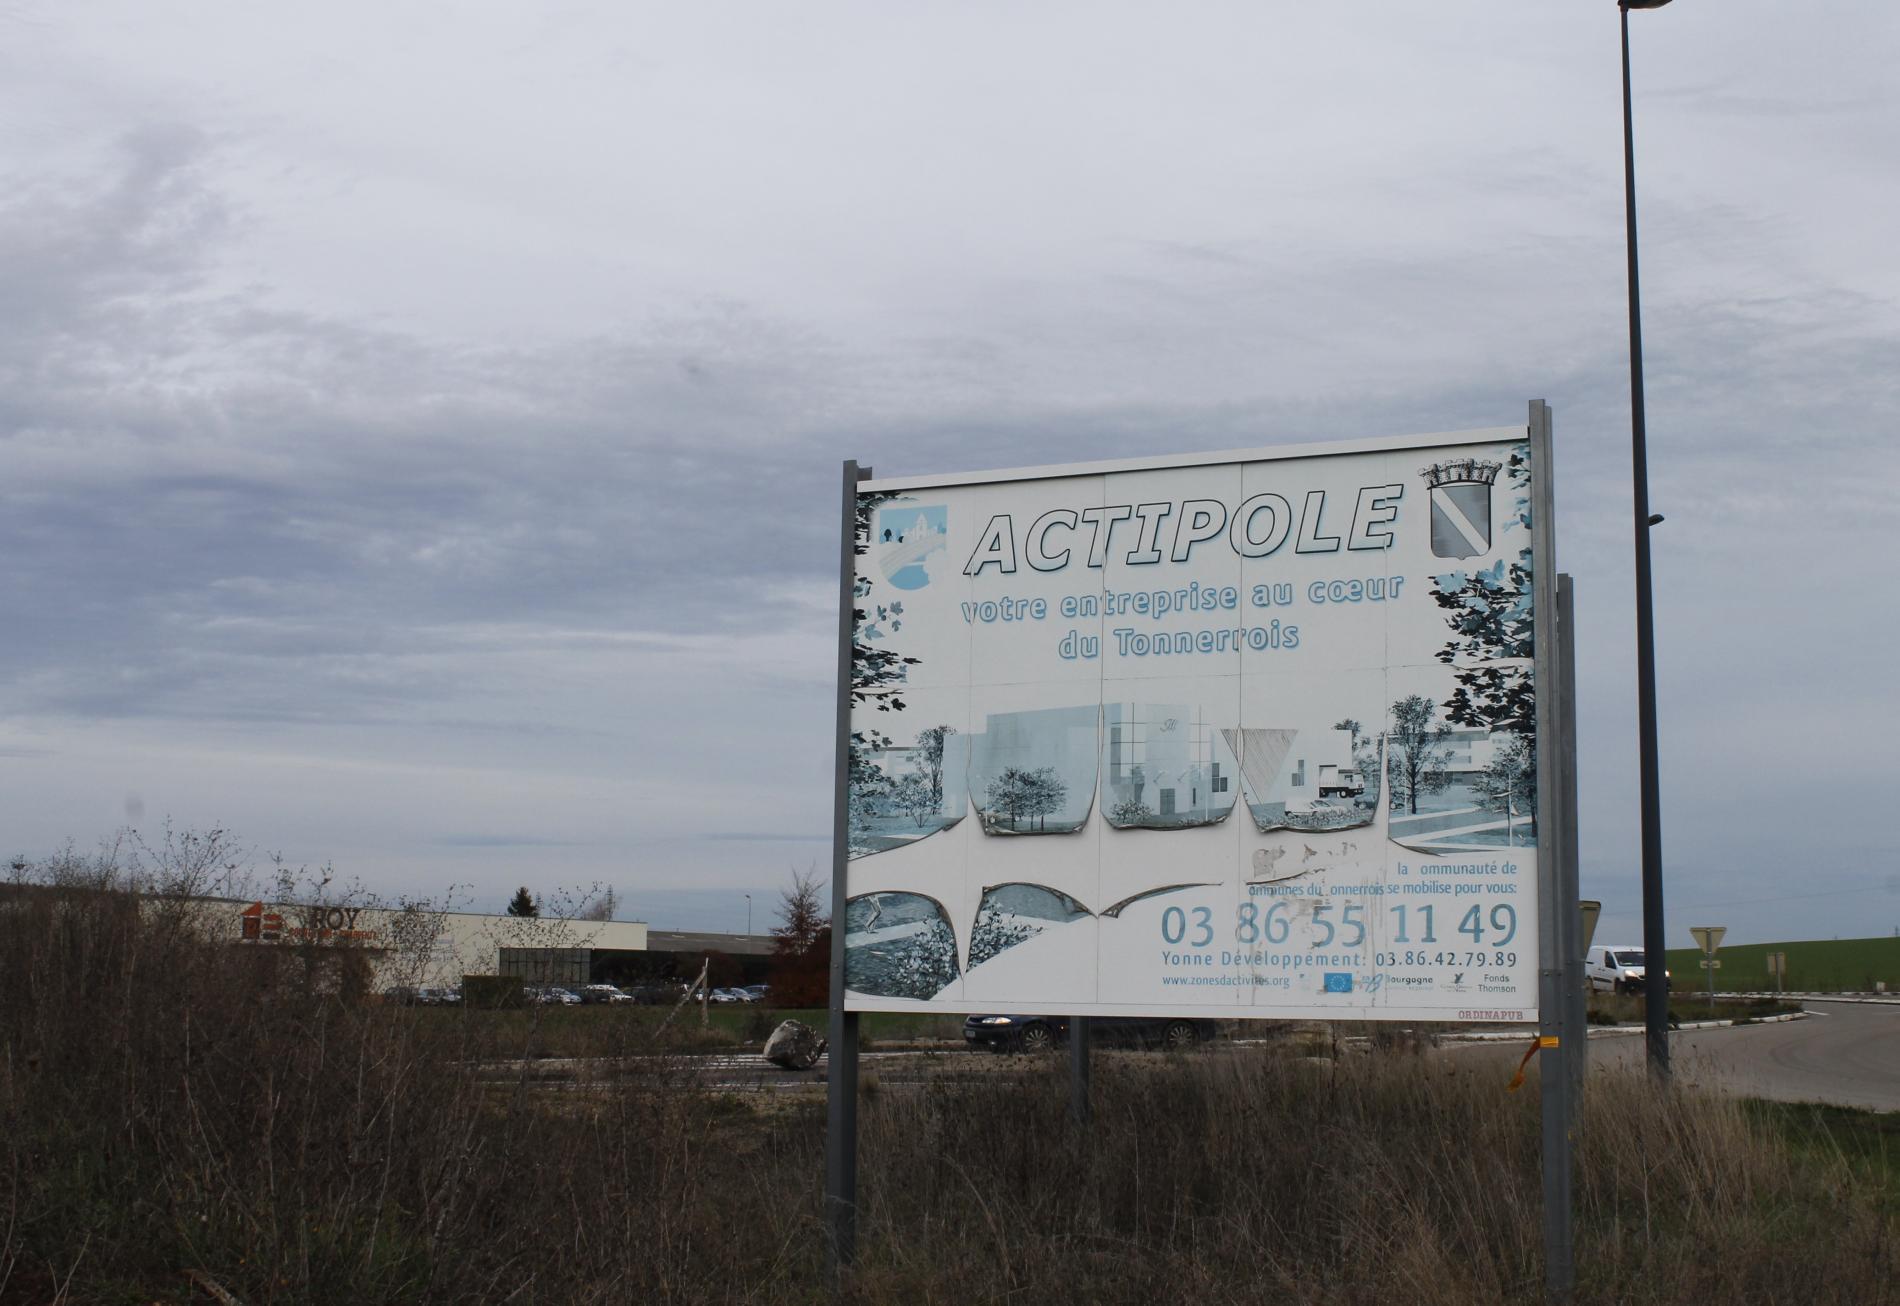 Un panneau délabrépour valoriser la zone d\'activité industrielle du Tonnerrois se tient devant les anciens locaux de l\'entreprise J2T Thompson, qui a fermé ses portes en 2002.